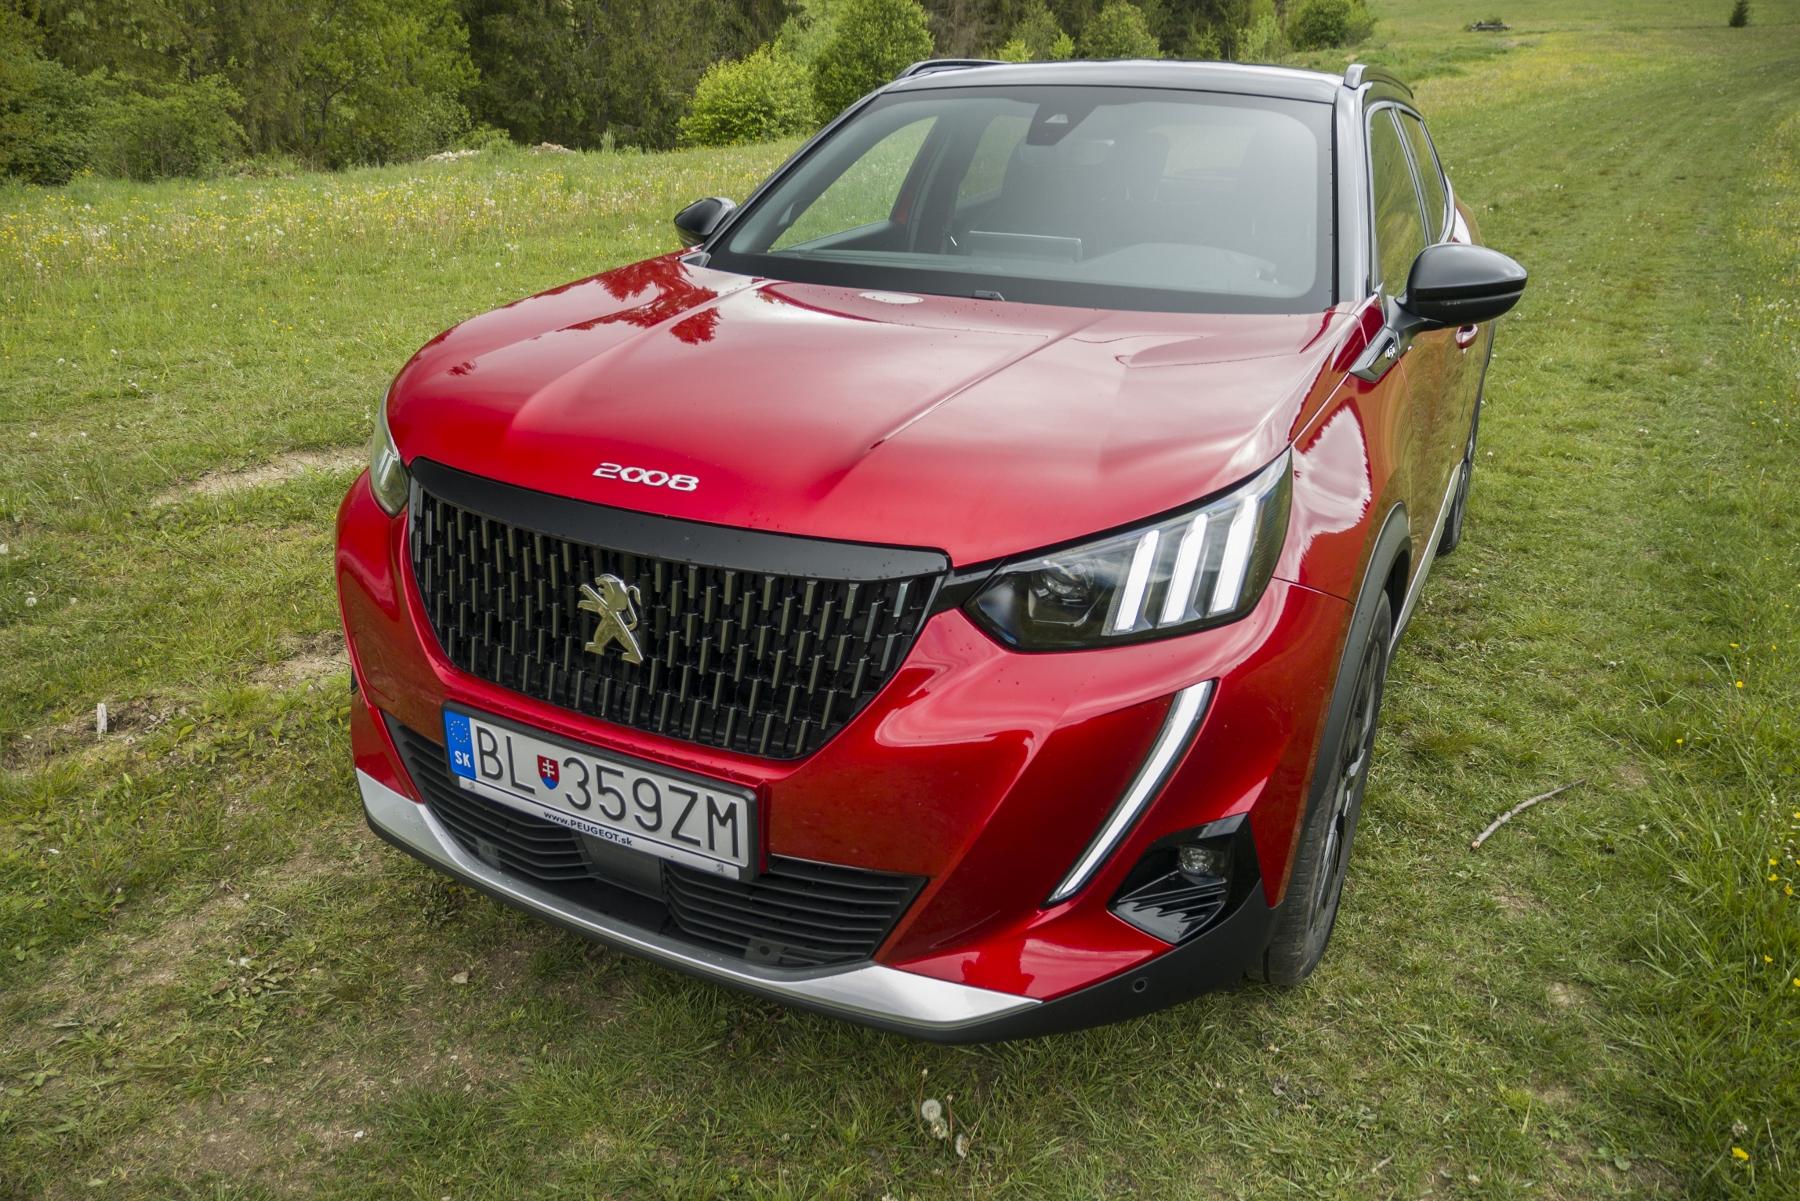 Test: Peugeot 2008 GT ohuruje silným trojvalcom a dobrou prevodovkou 6NkUBknhsd peugeot-2008-38